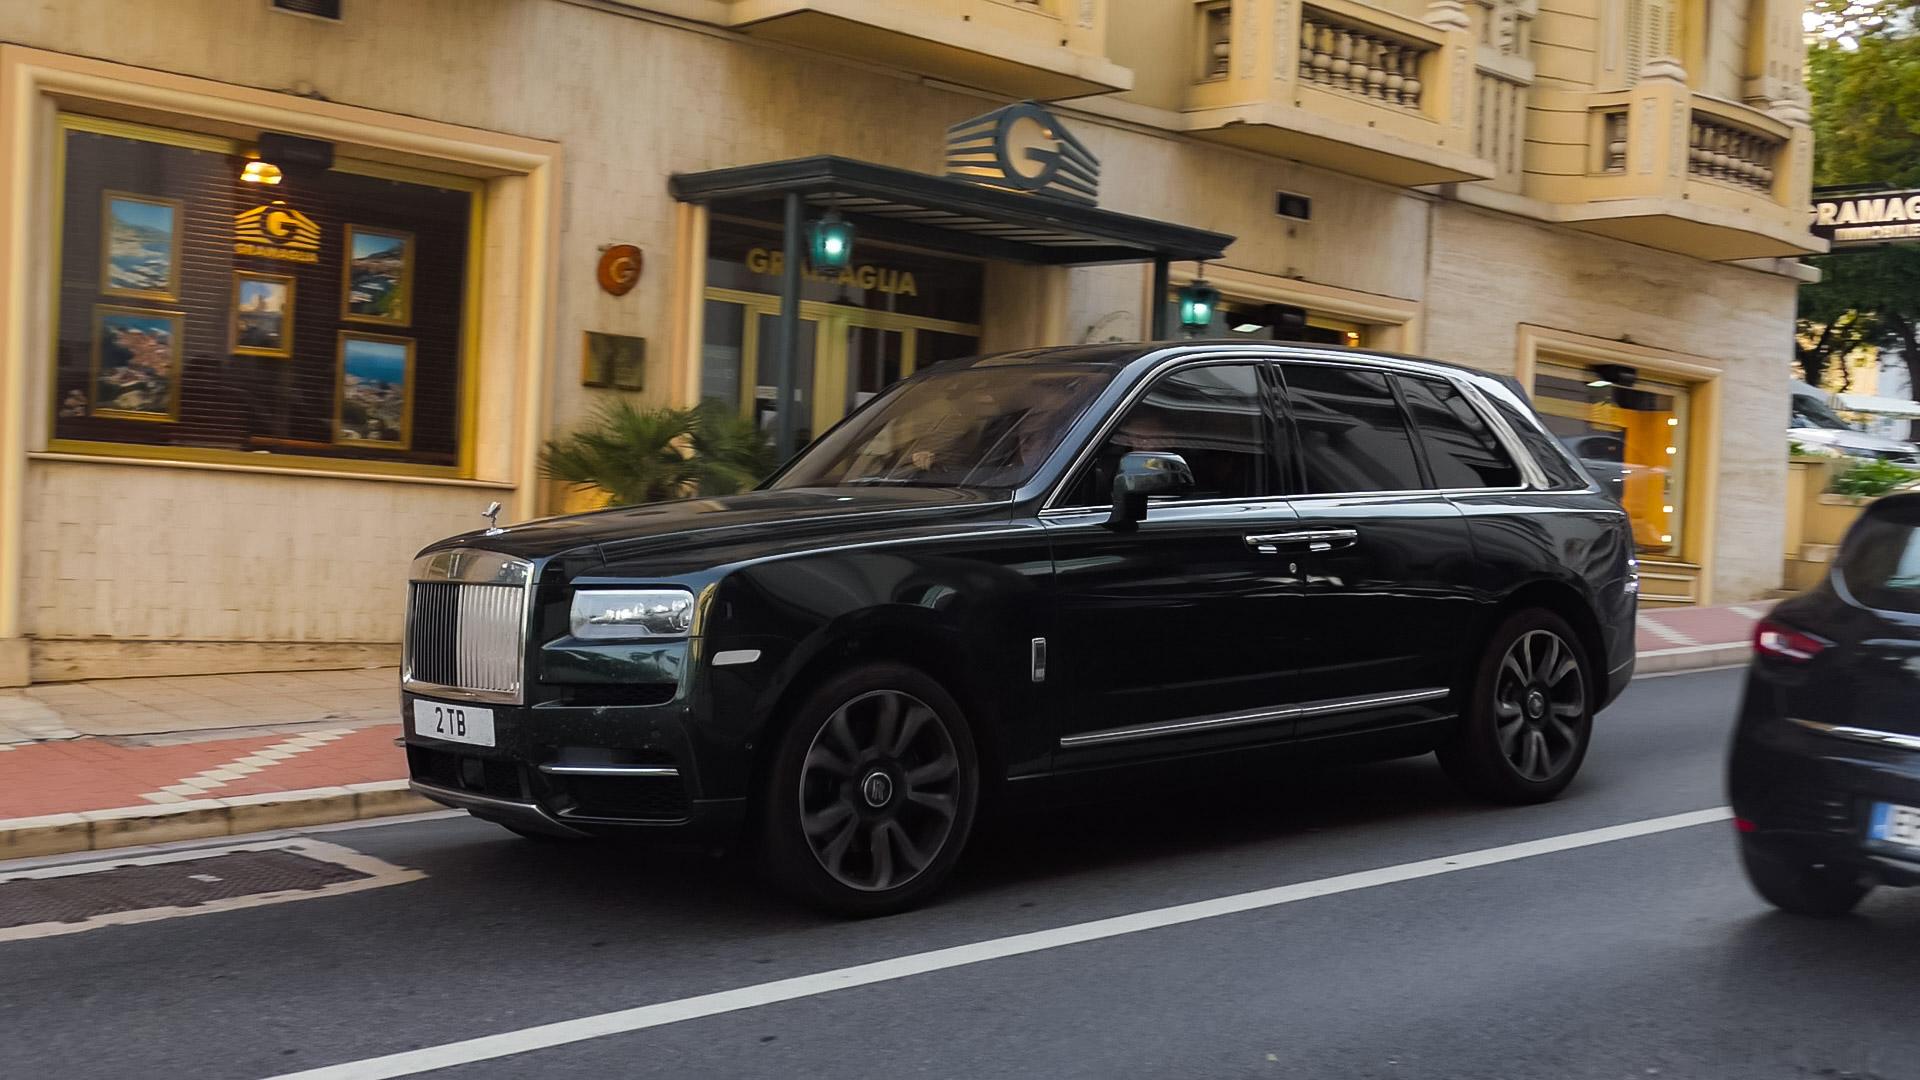 Rolls Royce Cullinan - 2TB (GB)